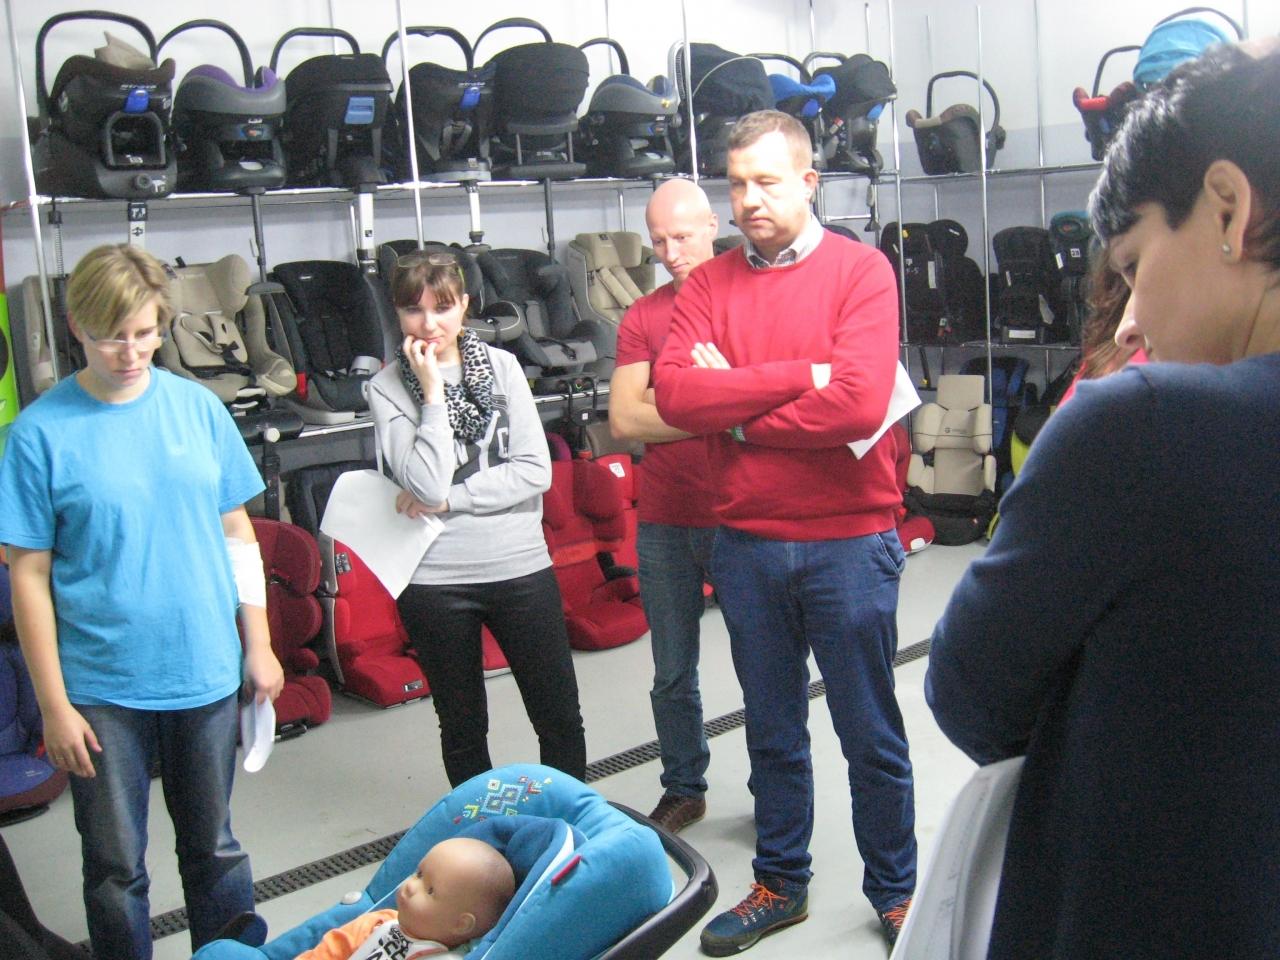 Szkolenia fotelik.info to różnorodne zajęcia teoretyczne i praktyczne